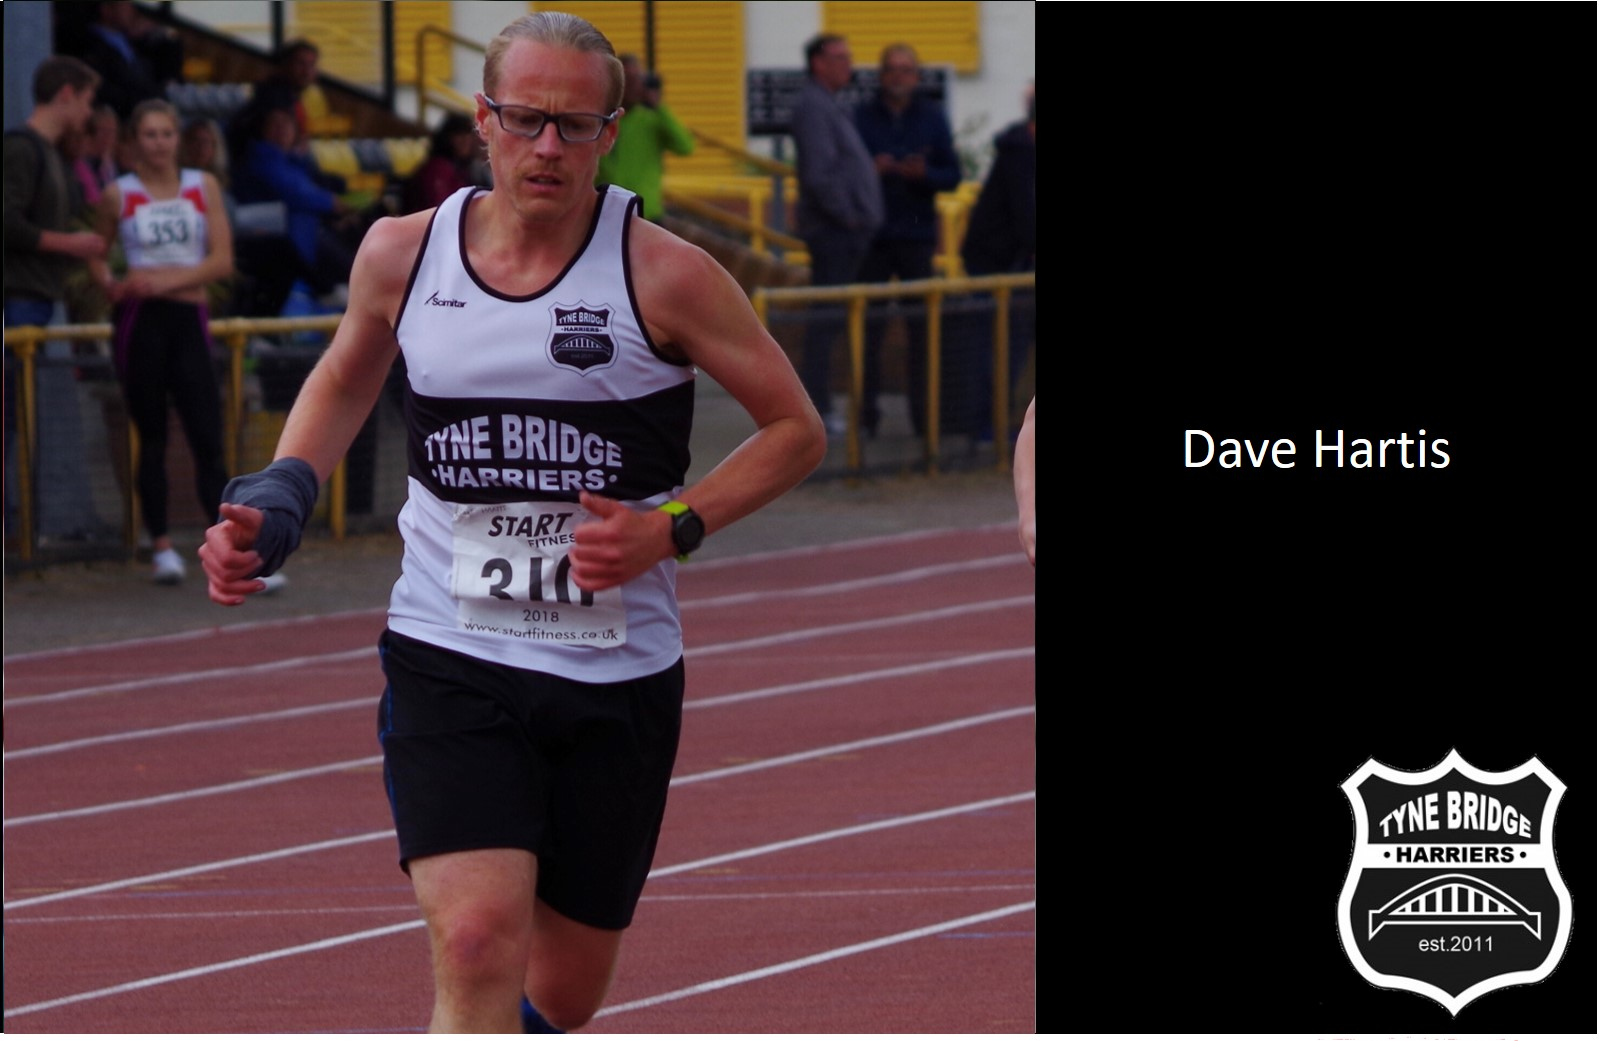 Dave Hartis